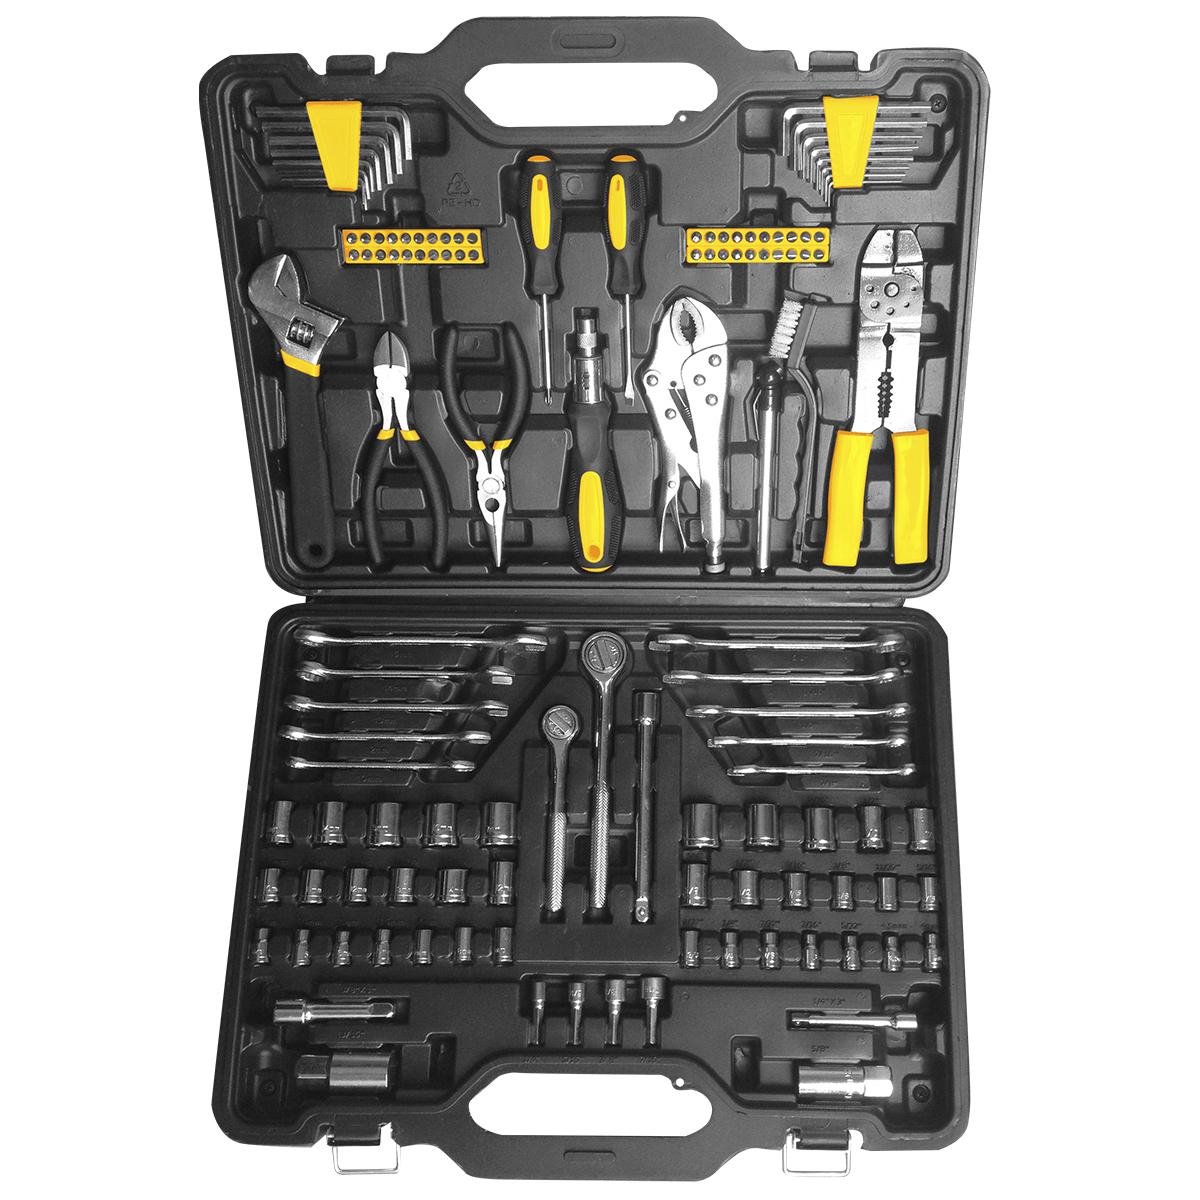 Набор инструментов Kolner KTS, 123 предмета80621Набор Kolner KTS содержит все необходимые инструменты для выполнения любых слесарных работ. Инструменты изготовлены из высококачественной хромованадиевой стали и закалены, благодаря чему имеют большой срок эксплуатации. Рукоятки инструментов обеспечивают комфорт во время работы, не утомляют и не натирают руку. Универсальный набор инструментов поставляется в кейсе, который удобно взять с собой или хранить в кладовке.Комплектация:- Шестигранный ключ: 6 шт.- Отвертка - 2 шт: 75 х 4 мм.- Держатель для бит с трещеткой: 170 мм.- Бита - 40 шт: 25 мм.- Разводной ключ 8.- Тонкогубцы.- Бокорезы.- Манометр.- Металлическая щетка.- Пинцы: 7.- Приспособление для зачистки проводов.- Гаечный ключ - 10 шт: 10-12-13-14-15.3/8.7/16.1/2.9/16.5/8.- Рукоятка с трещеткой квадрат: 1/4.- Рукоятка с трещеткой квадрат: 3/8.- Торцевая головка квадрат - 14 шт: 1/4: 4-4.5-5-5.5-6-6.5-7-8-9-10-11-12-13-14 мм.- Торцевая головка квадрат - 10 шт: 1/4: 5/32-3/16-7/32-1/4-9/32-5/16-11/32-3/8-7/16-1/2.- Торцевая головка квадрат - 6 шт (3/8): 12-13-14-15-16-17 мм.- Торцевая головка квадрат - 6 шт (3/8): 3/8-7/16-1/2-9/16-5/8-11/16.- Удлинитель квадрат: 3/8 3.- Удлинитель квадрат: 3/8 6.- Удлинитель квадрат: 1/4 3.- Свечной ключ квадрат (3/8): 16 мм.- Свечной ключ квадрат (3/8): 21 мм.- Торцевая головка квадрат - 4 шт (1/4): 1/4-5/16-3/8-7/16.